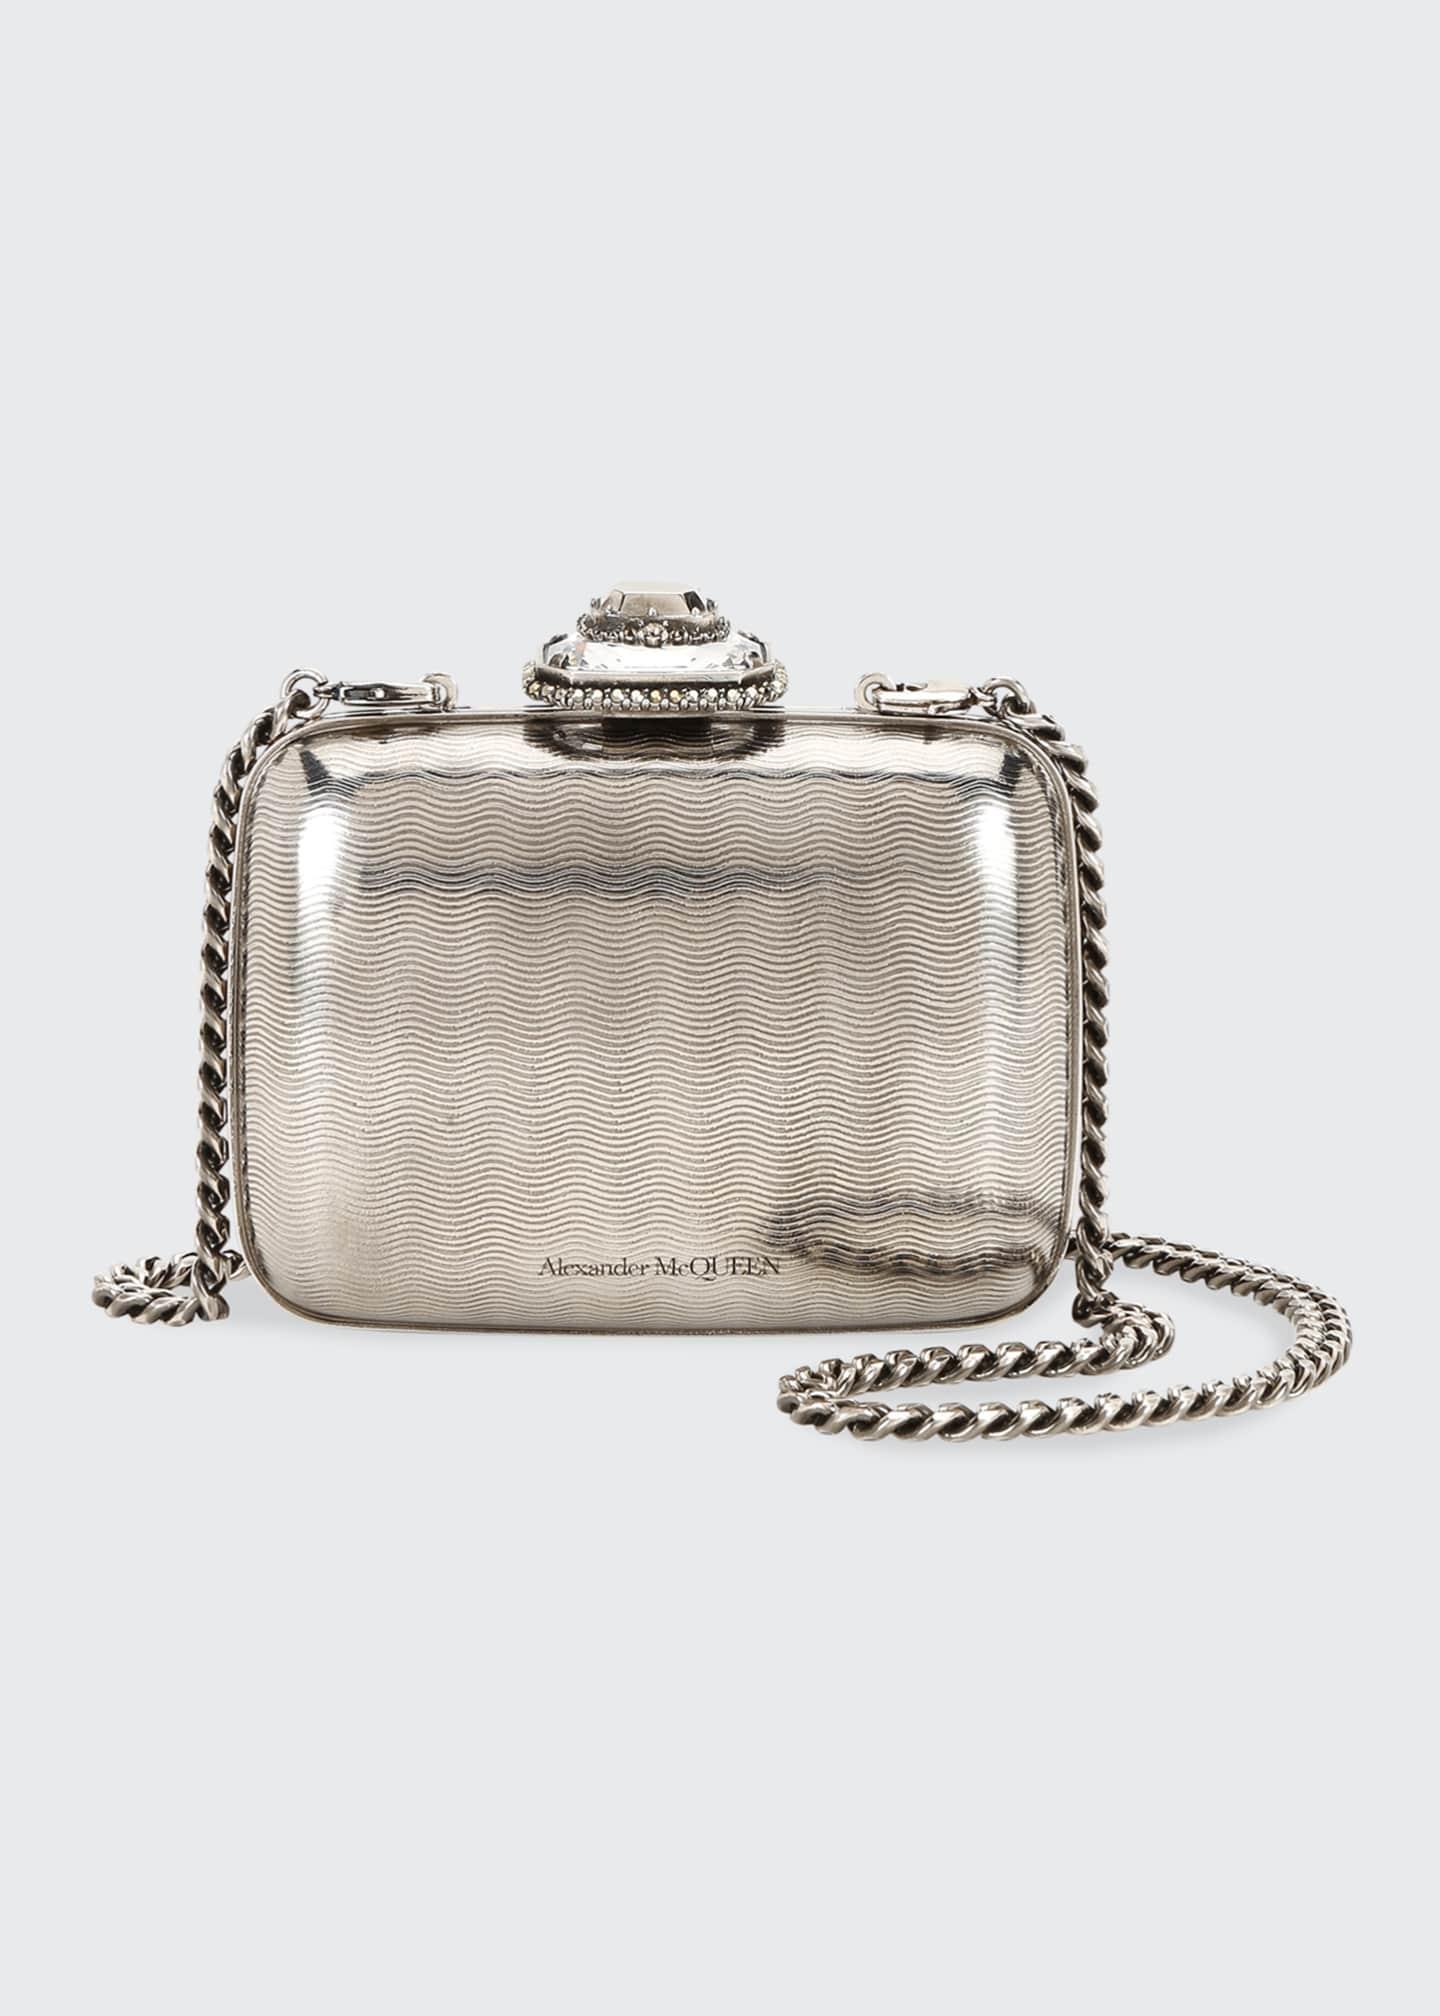 Alexander McQueen Metal Jeweled Clutch Bag